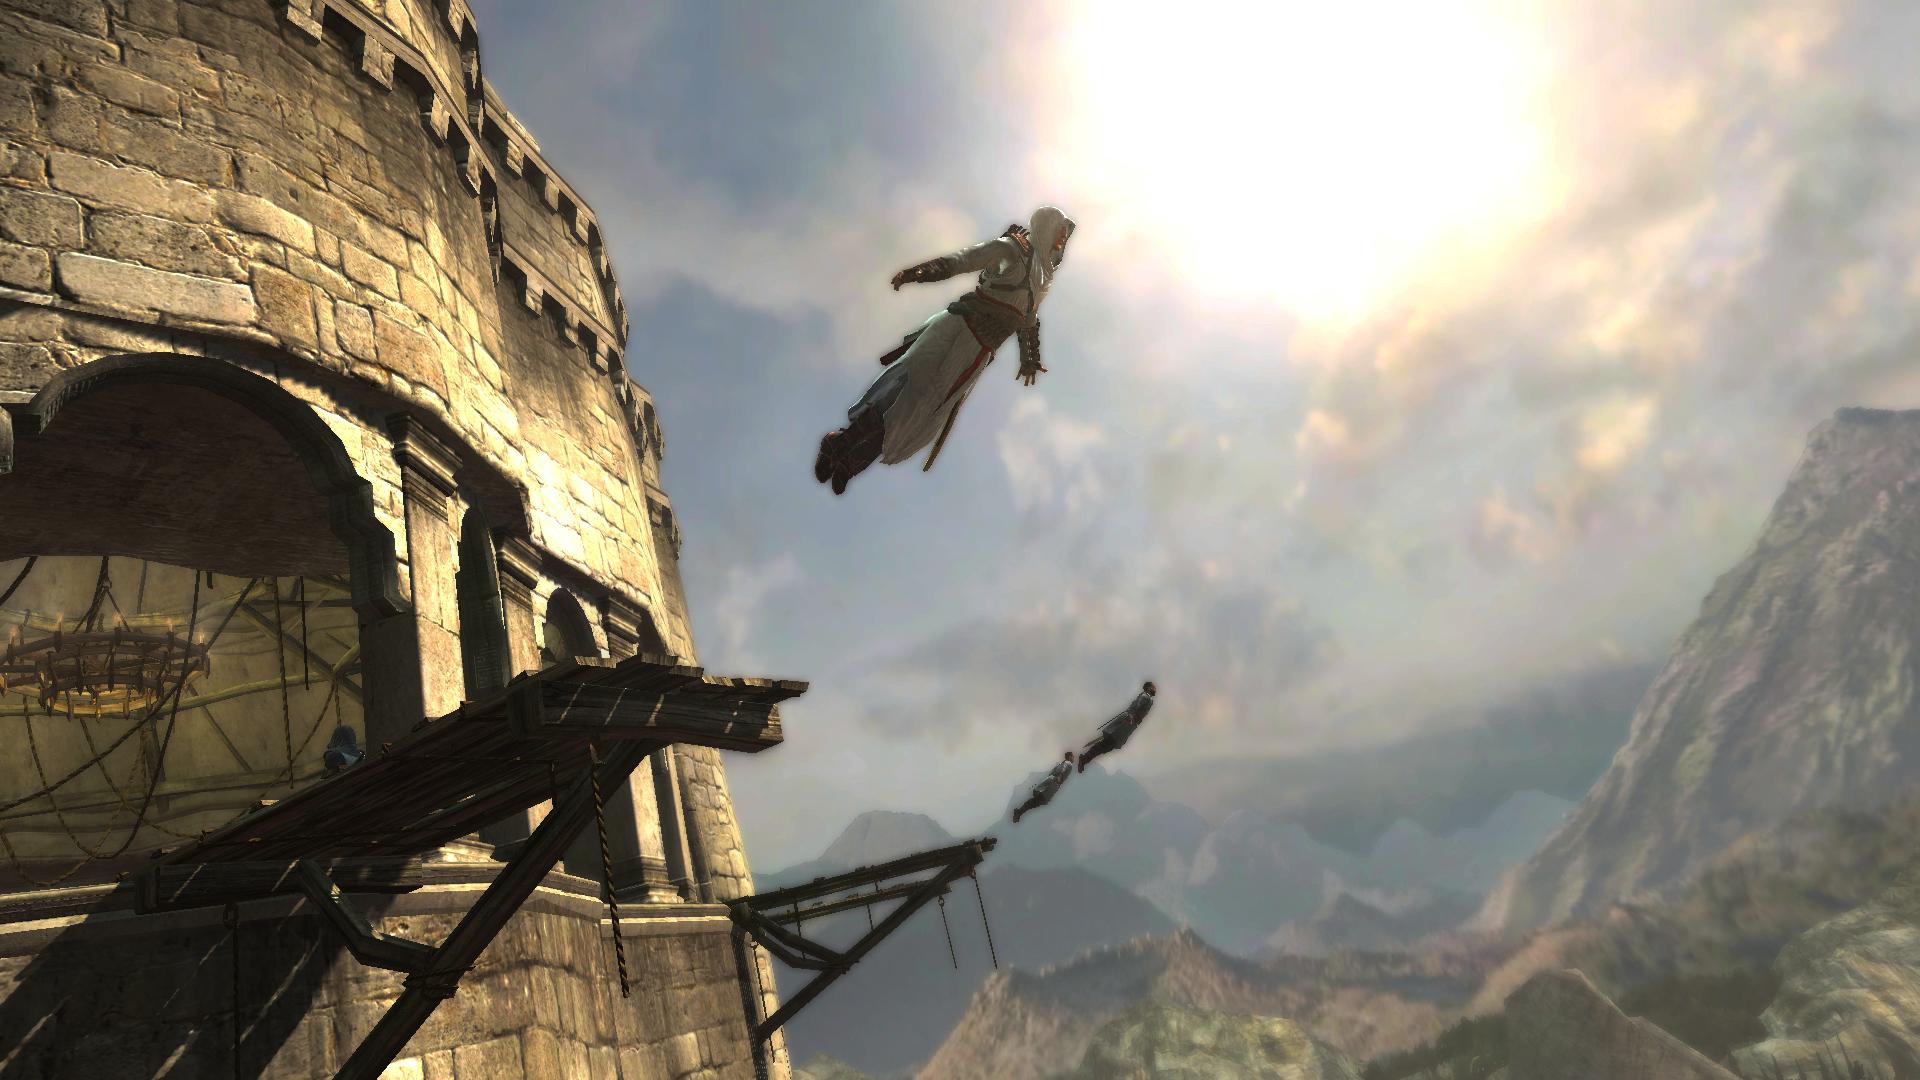 Прыжок Веры Assassin s Creed Wiki Fandom powered 82